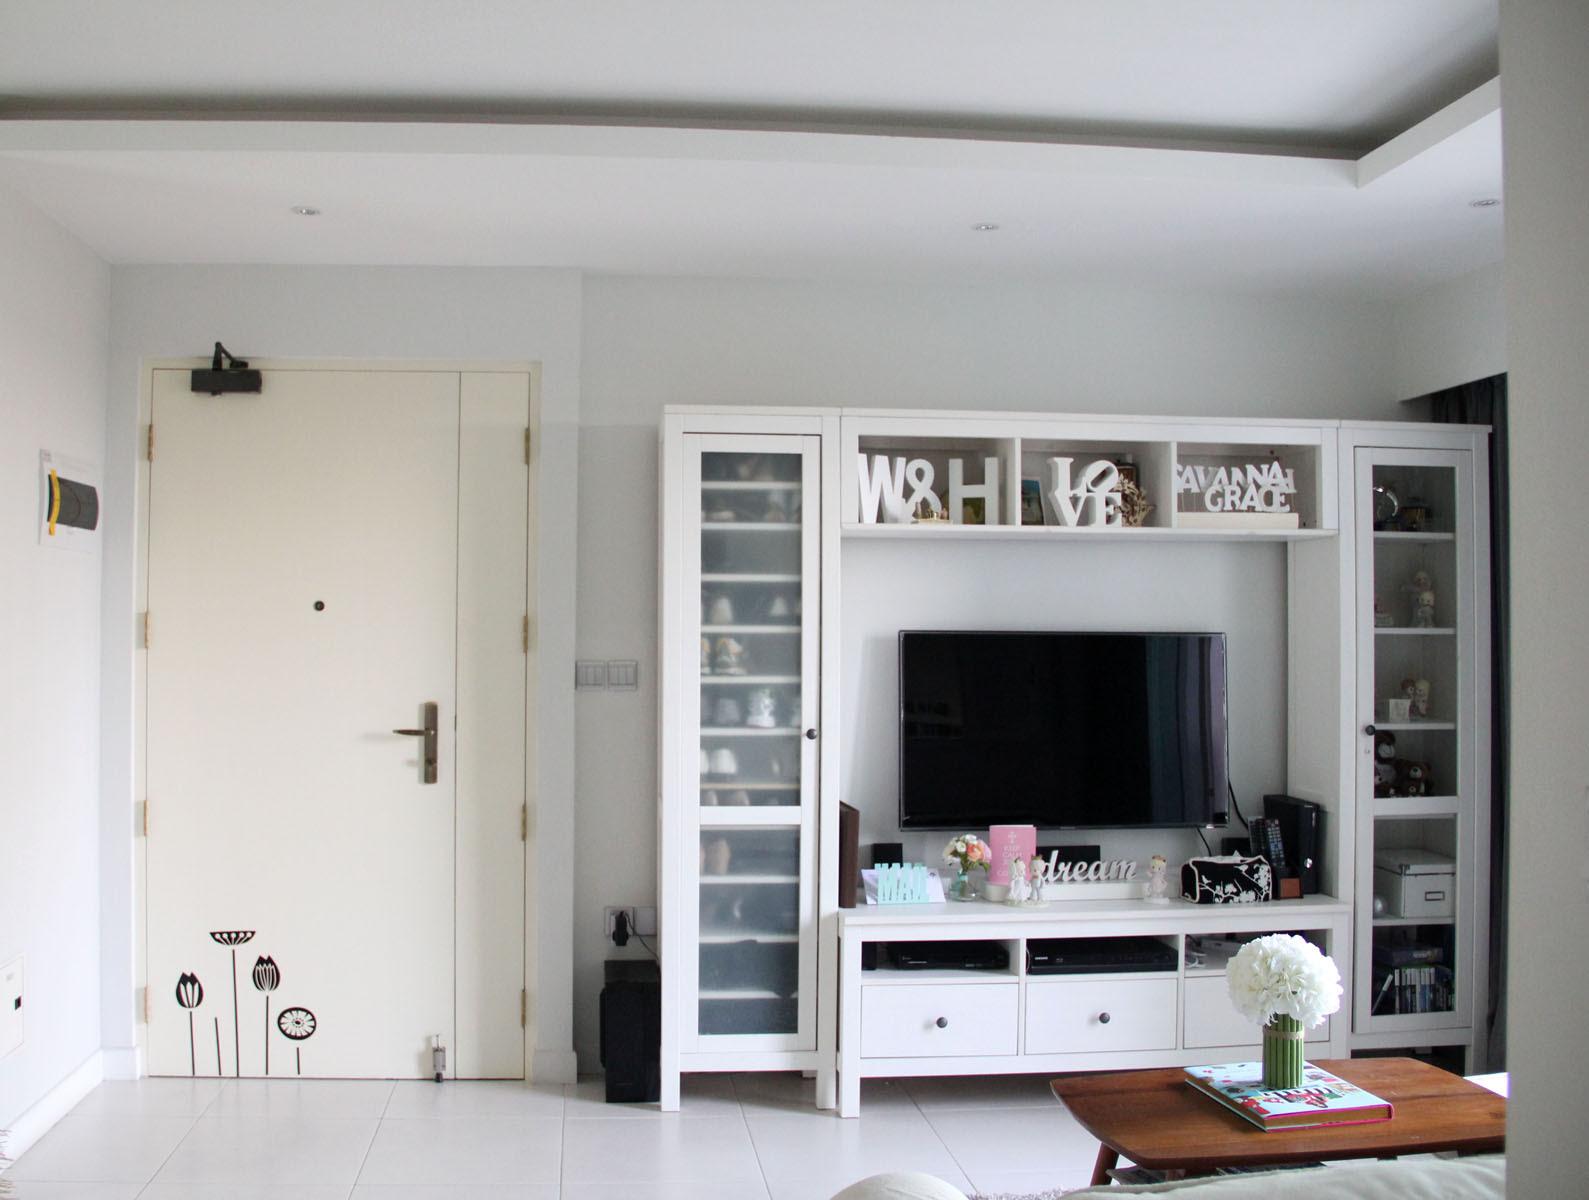 Singapore interior design | we . love . laugh . kiss